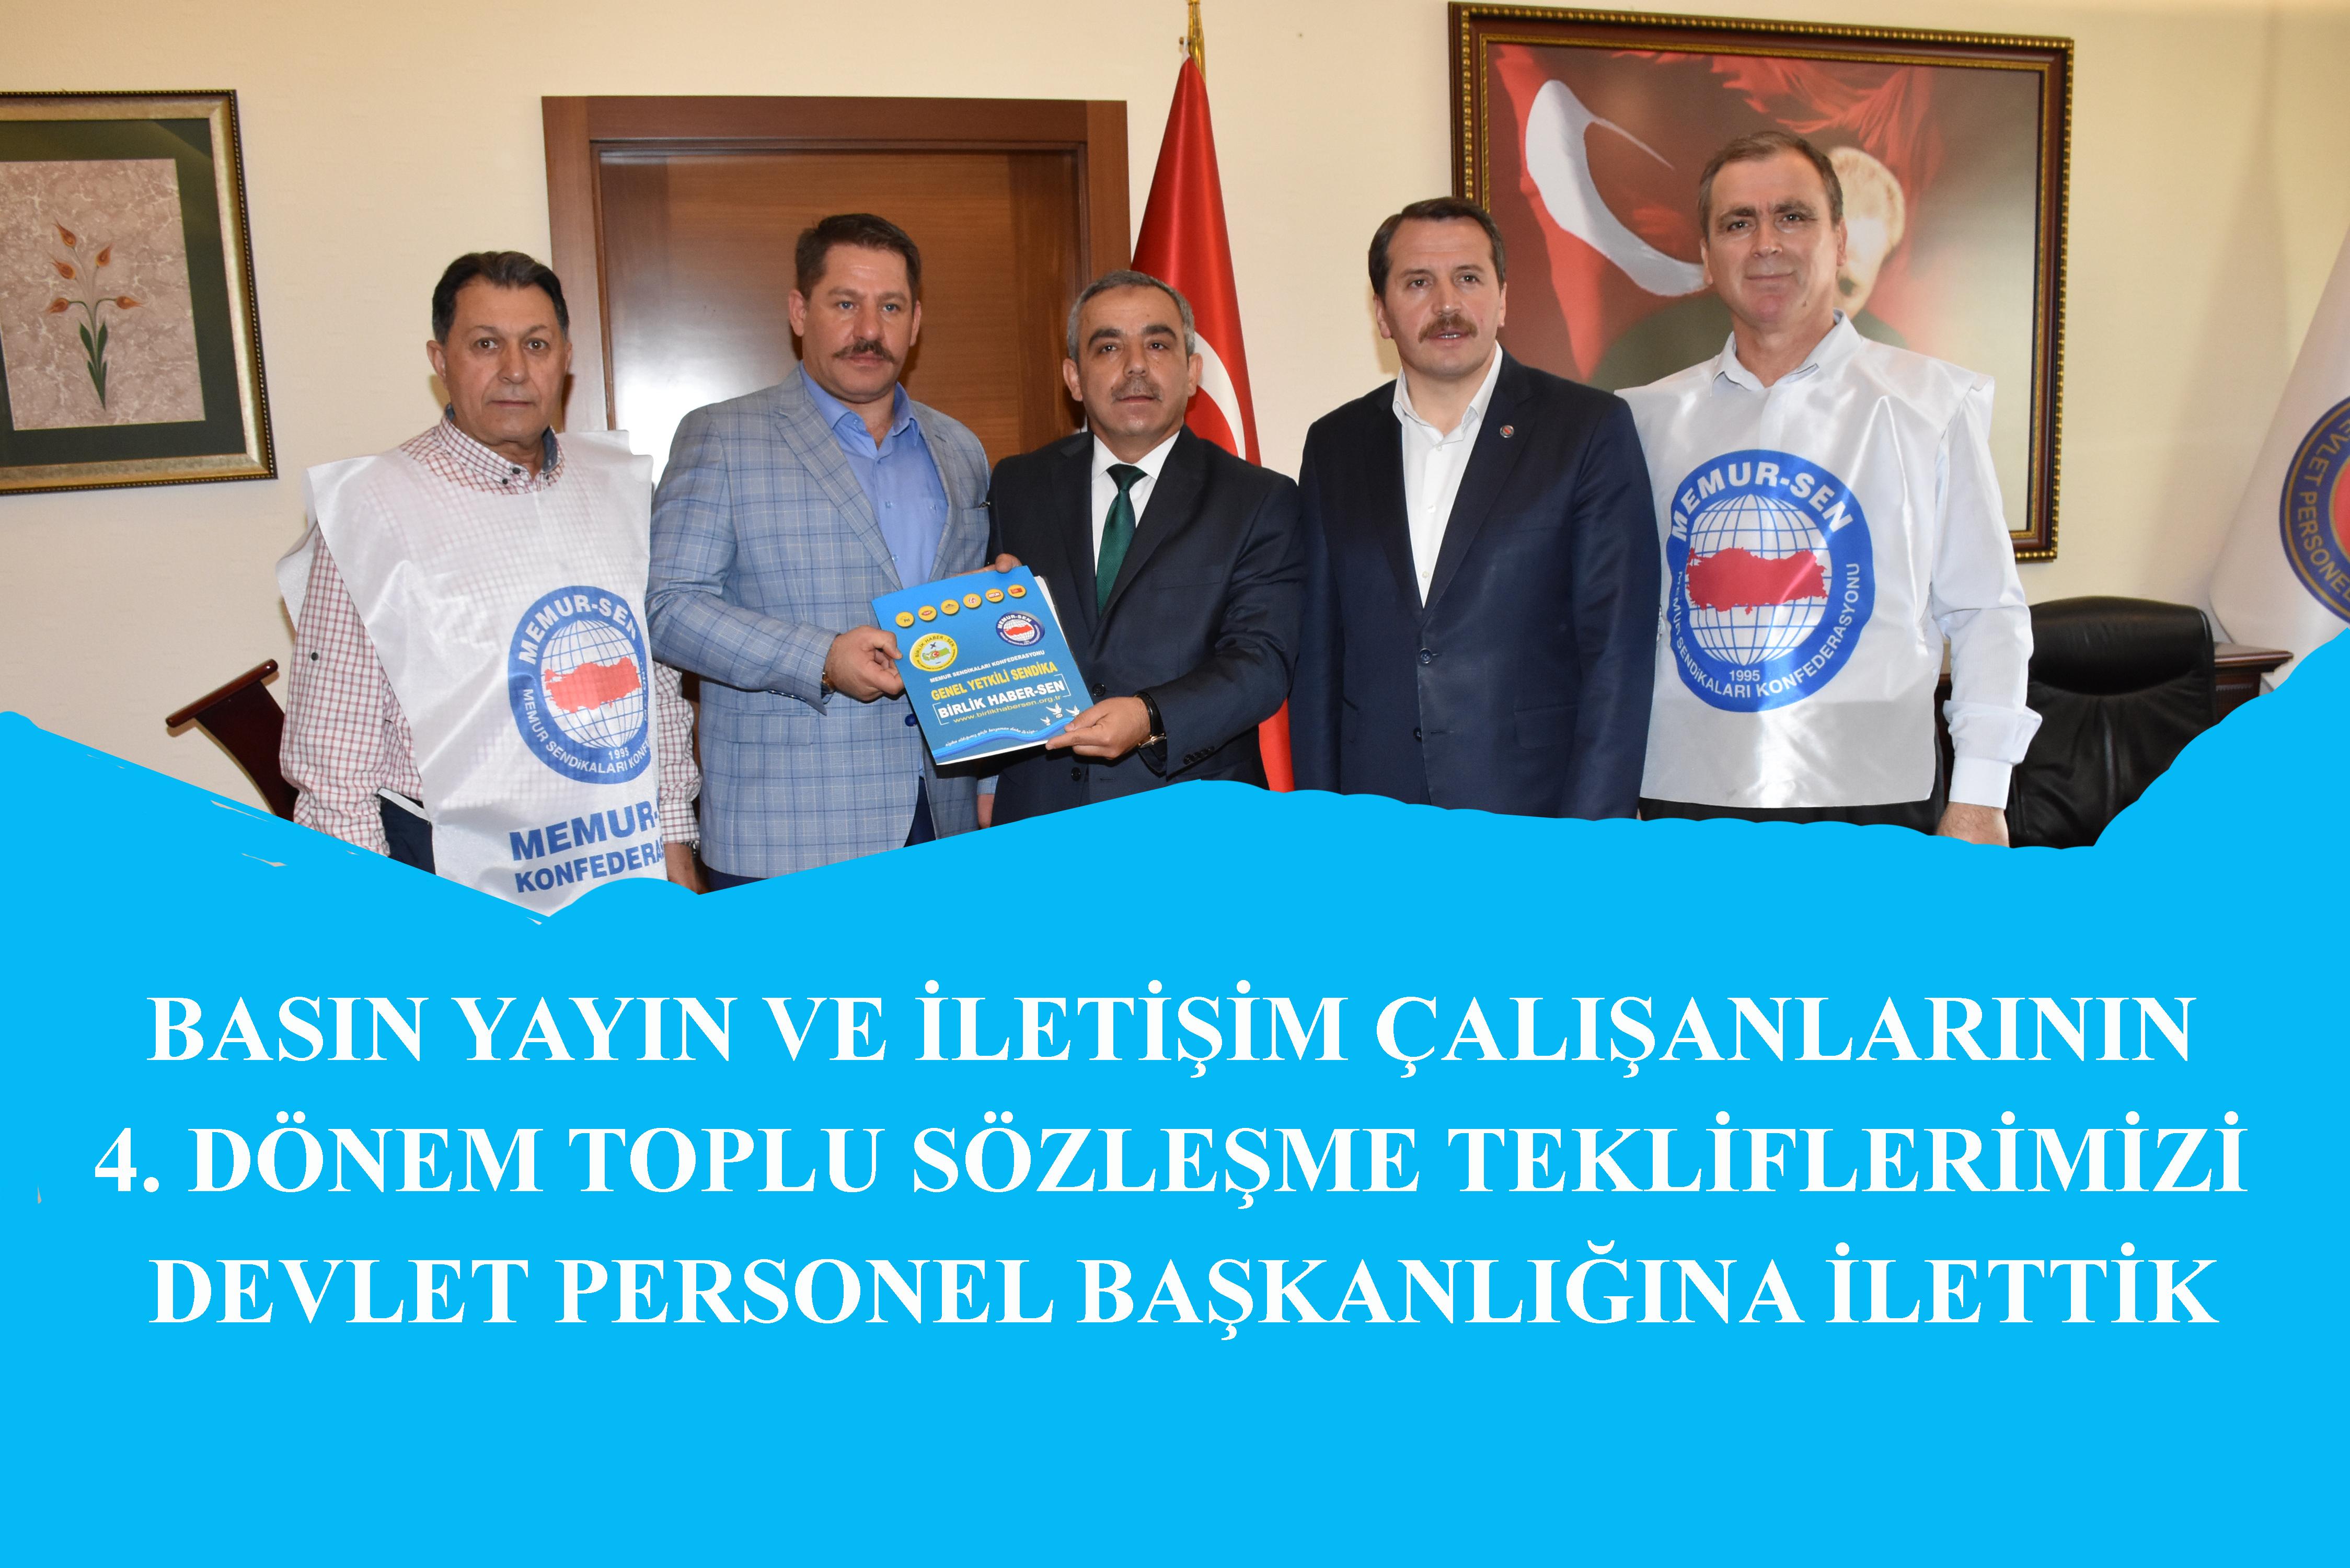 Toplu Sözleşme Tekliflerimizi Devlet Personel Başkanı Polat'a İlettik